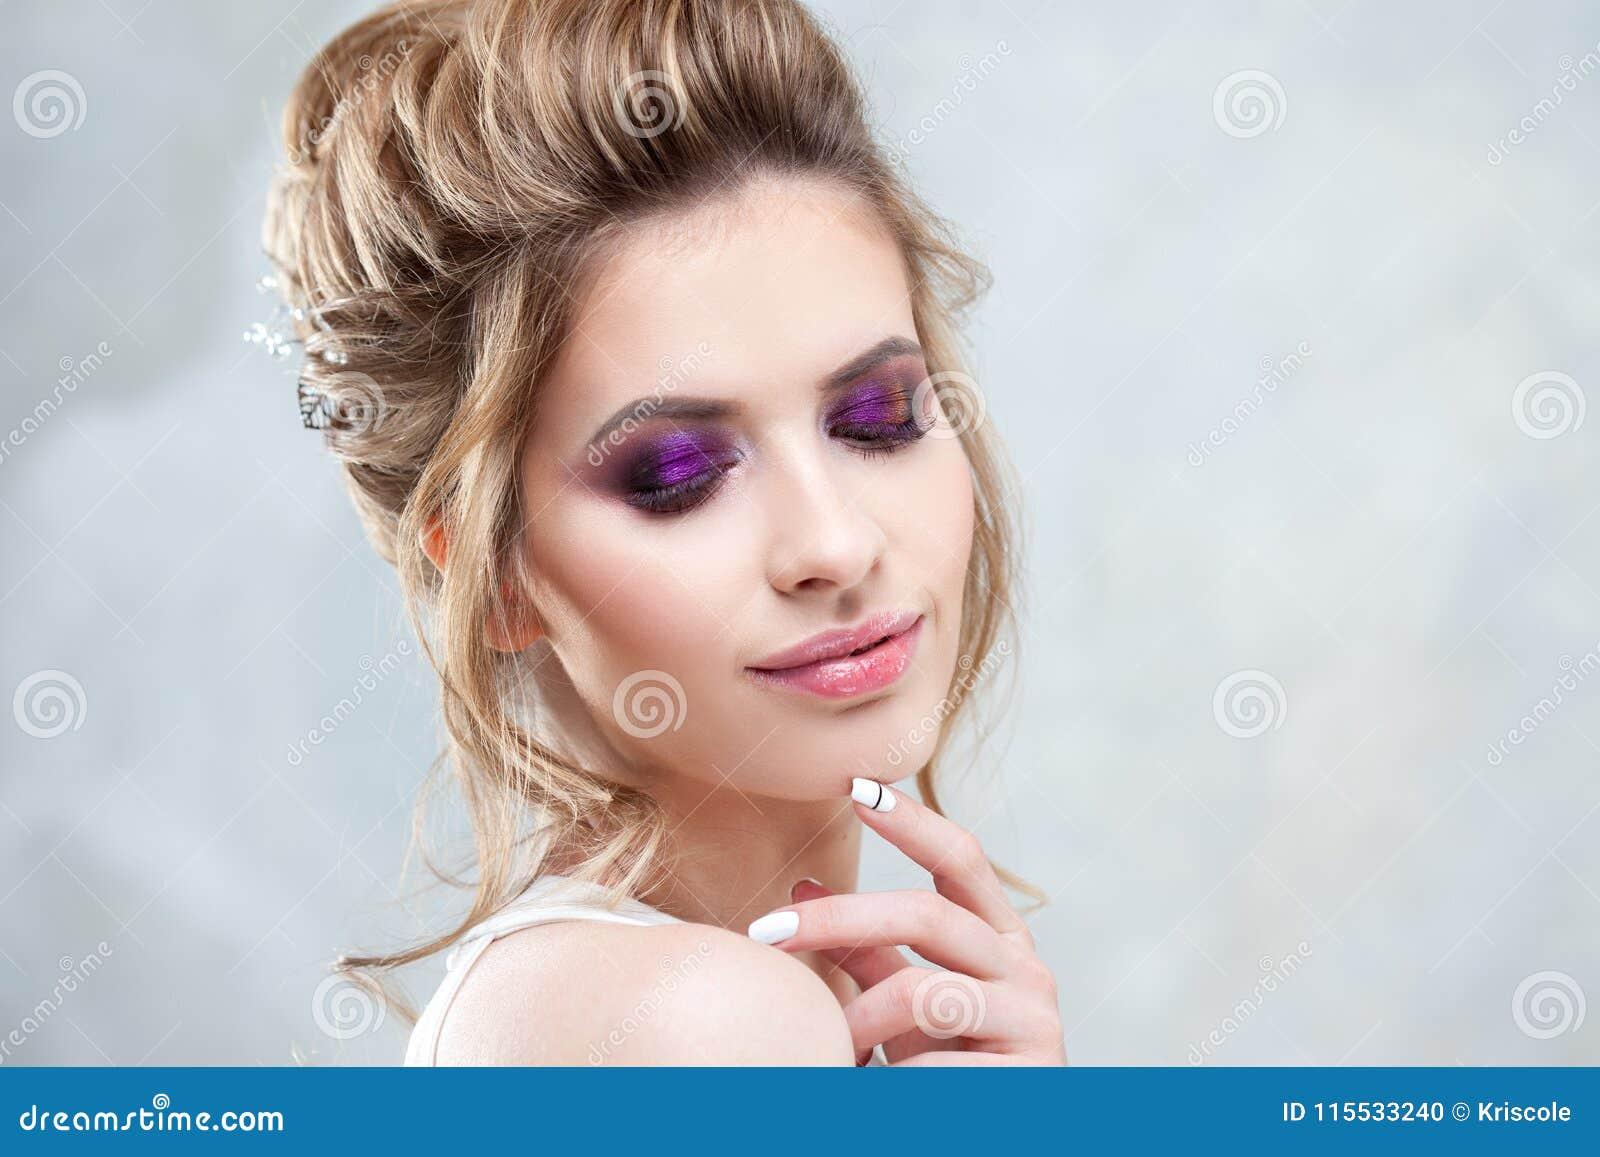 Νέα όμορφη νύφη με ένα κομψό υψηλό hairdo Γάμος hairstyle με το εξάρτημα στην τρίχα της